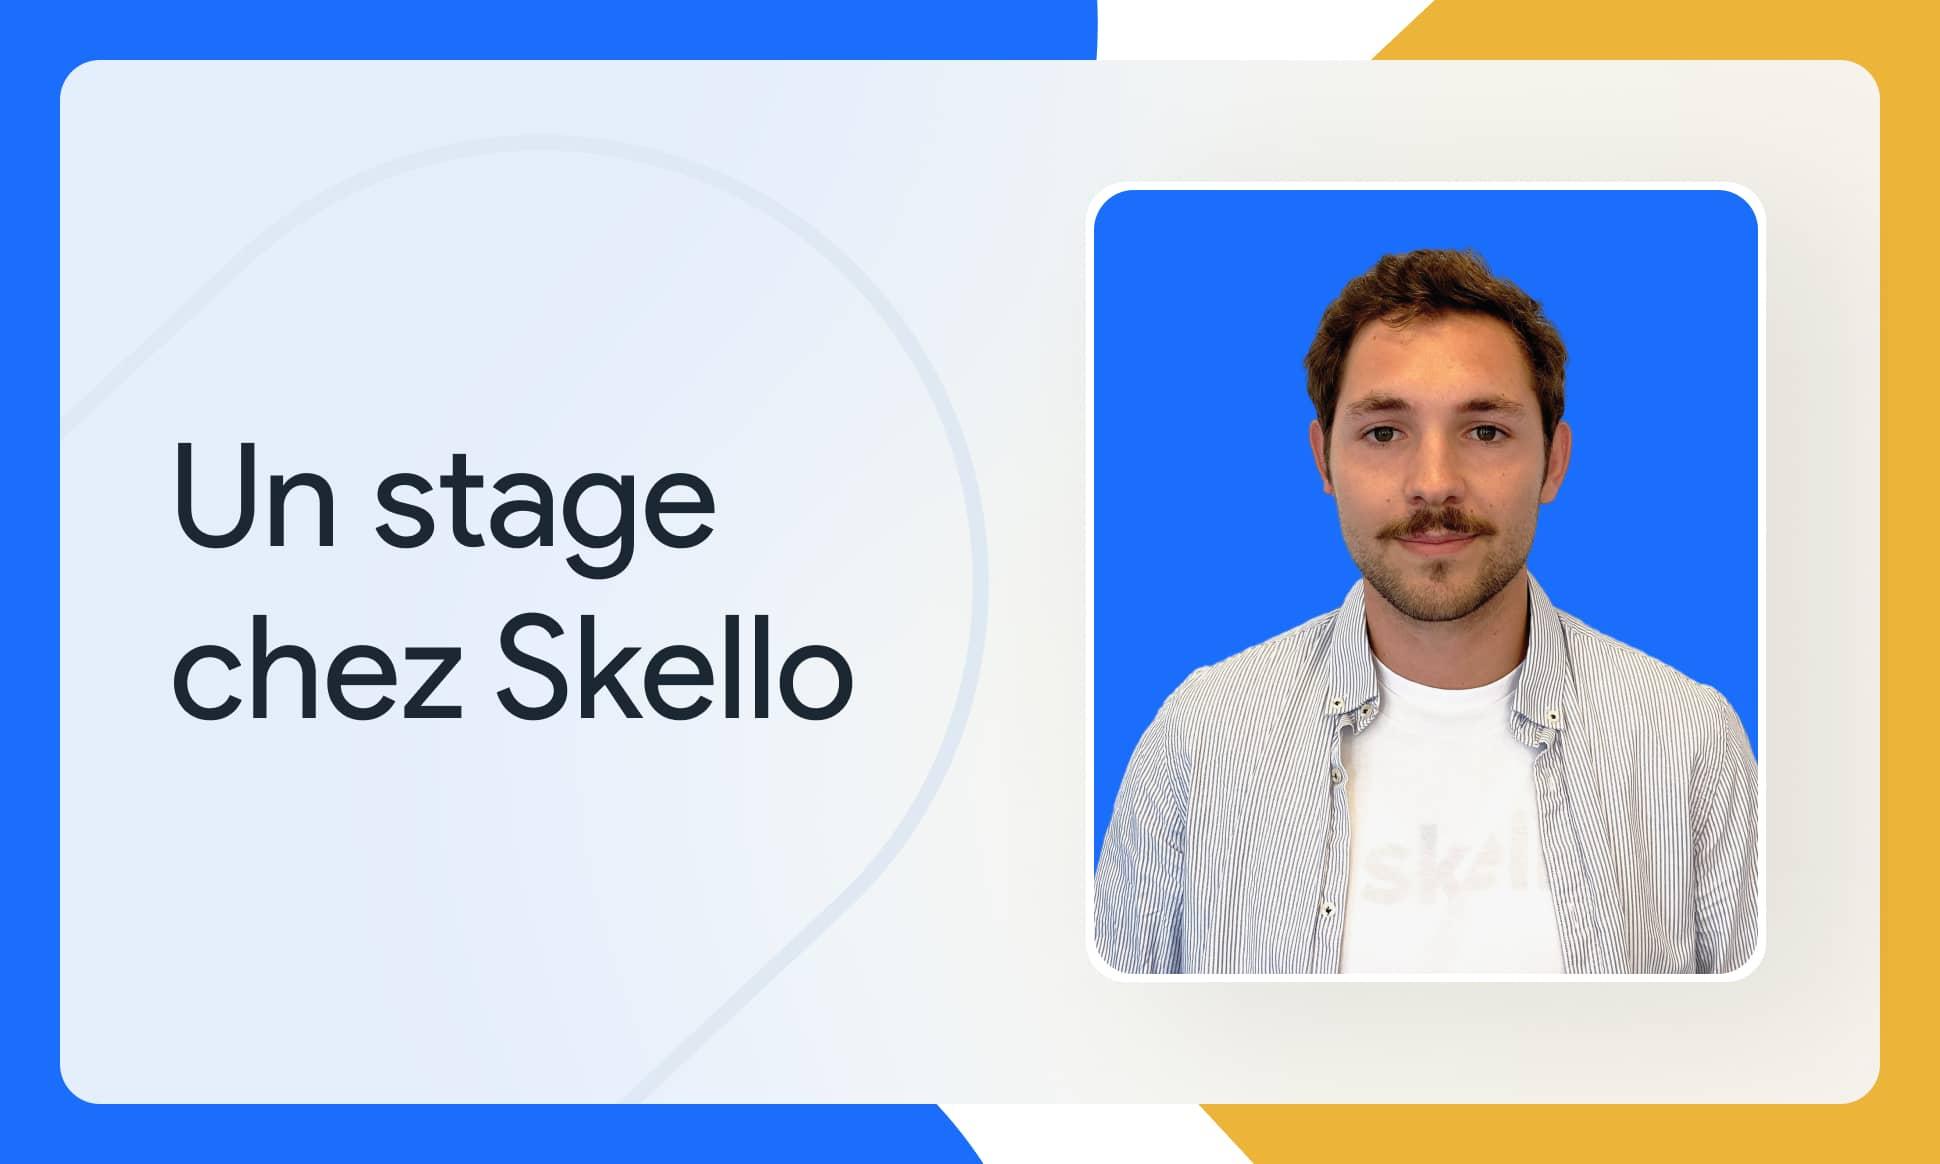 Un stage chez Skello, ça se passe comment ? Rencontre avec Marc